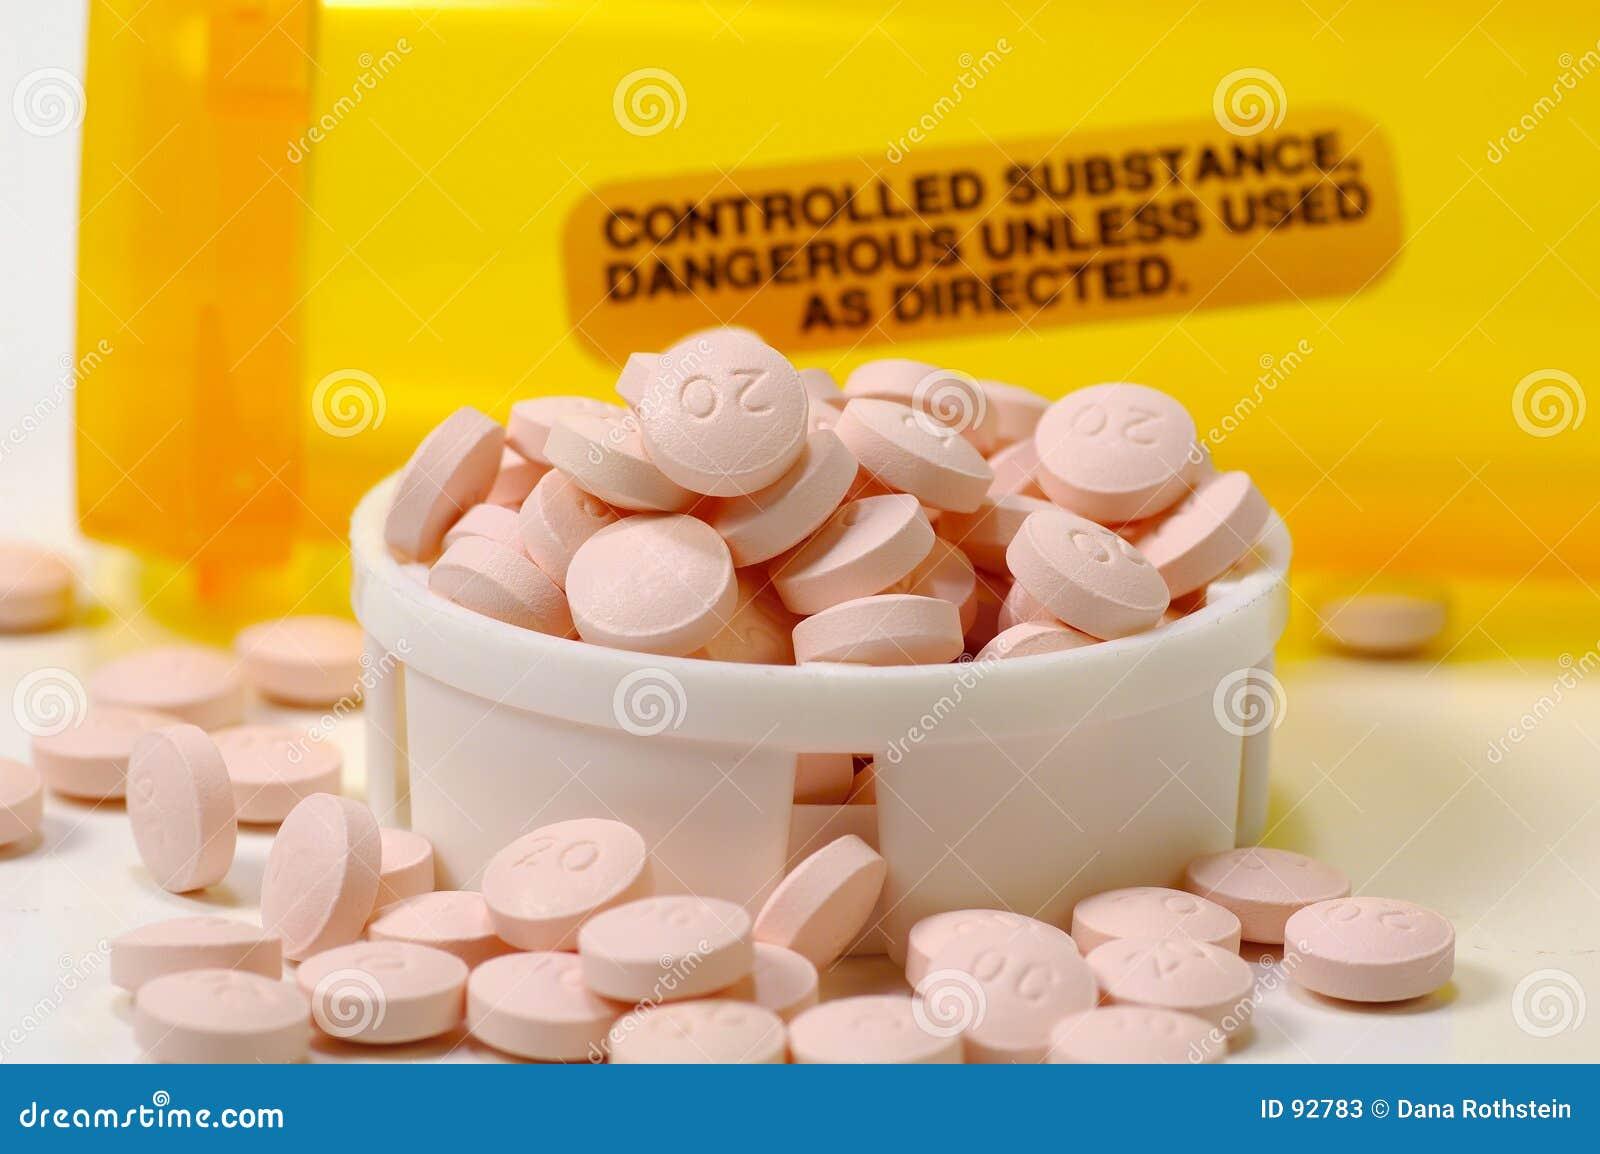 контролируемое вещество